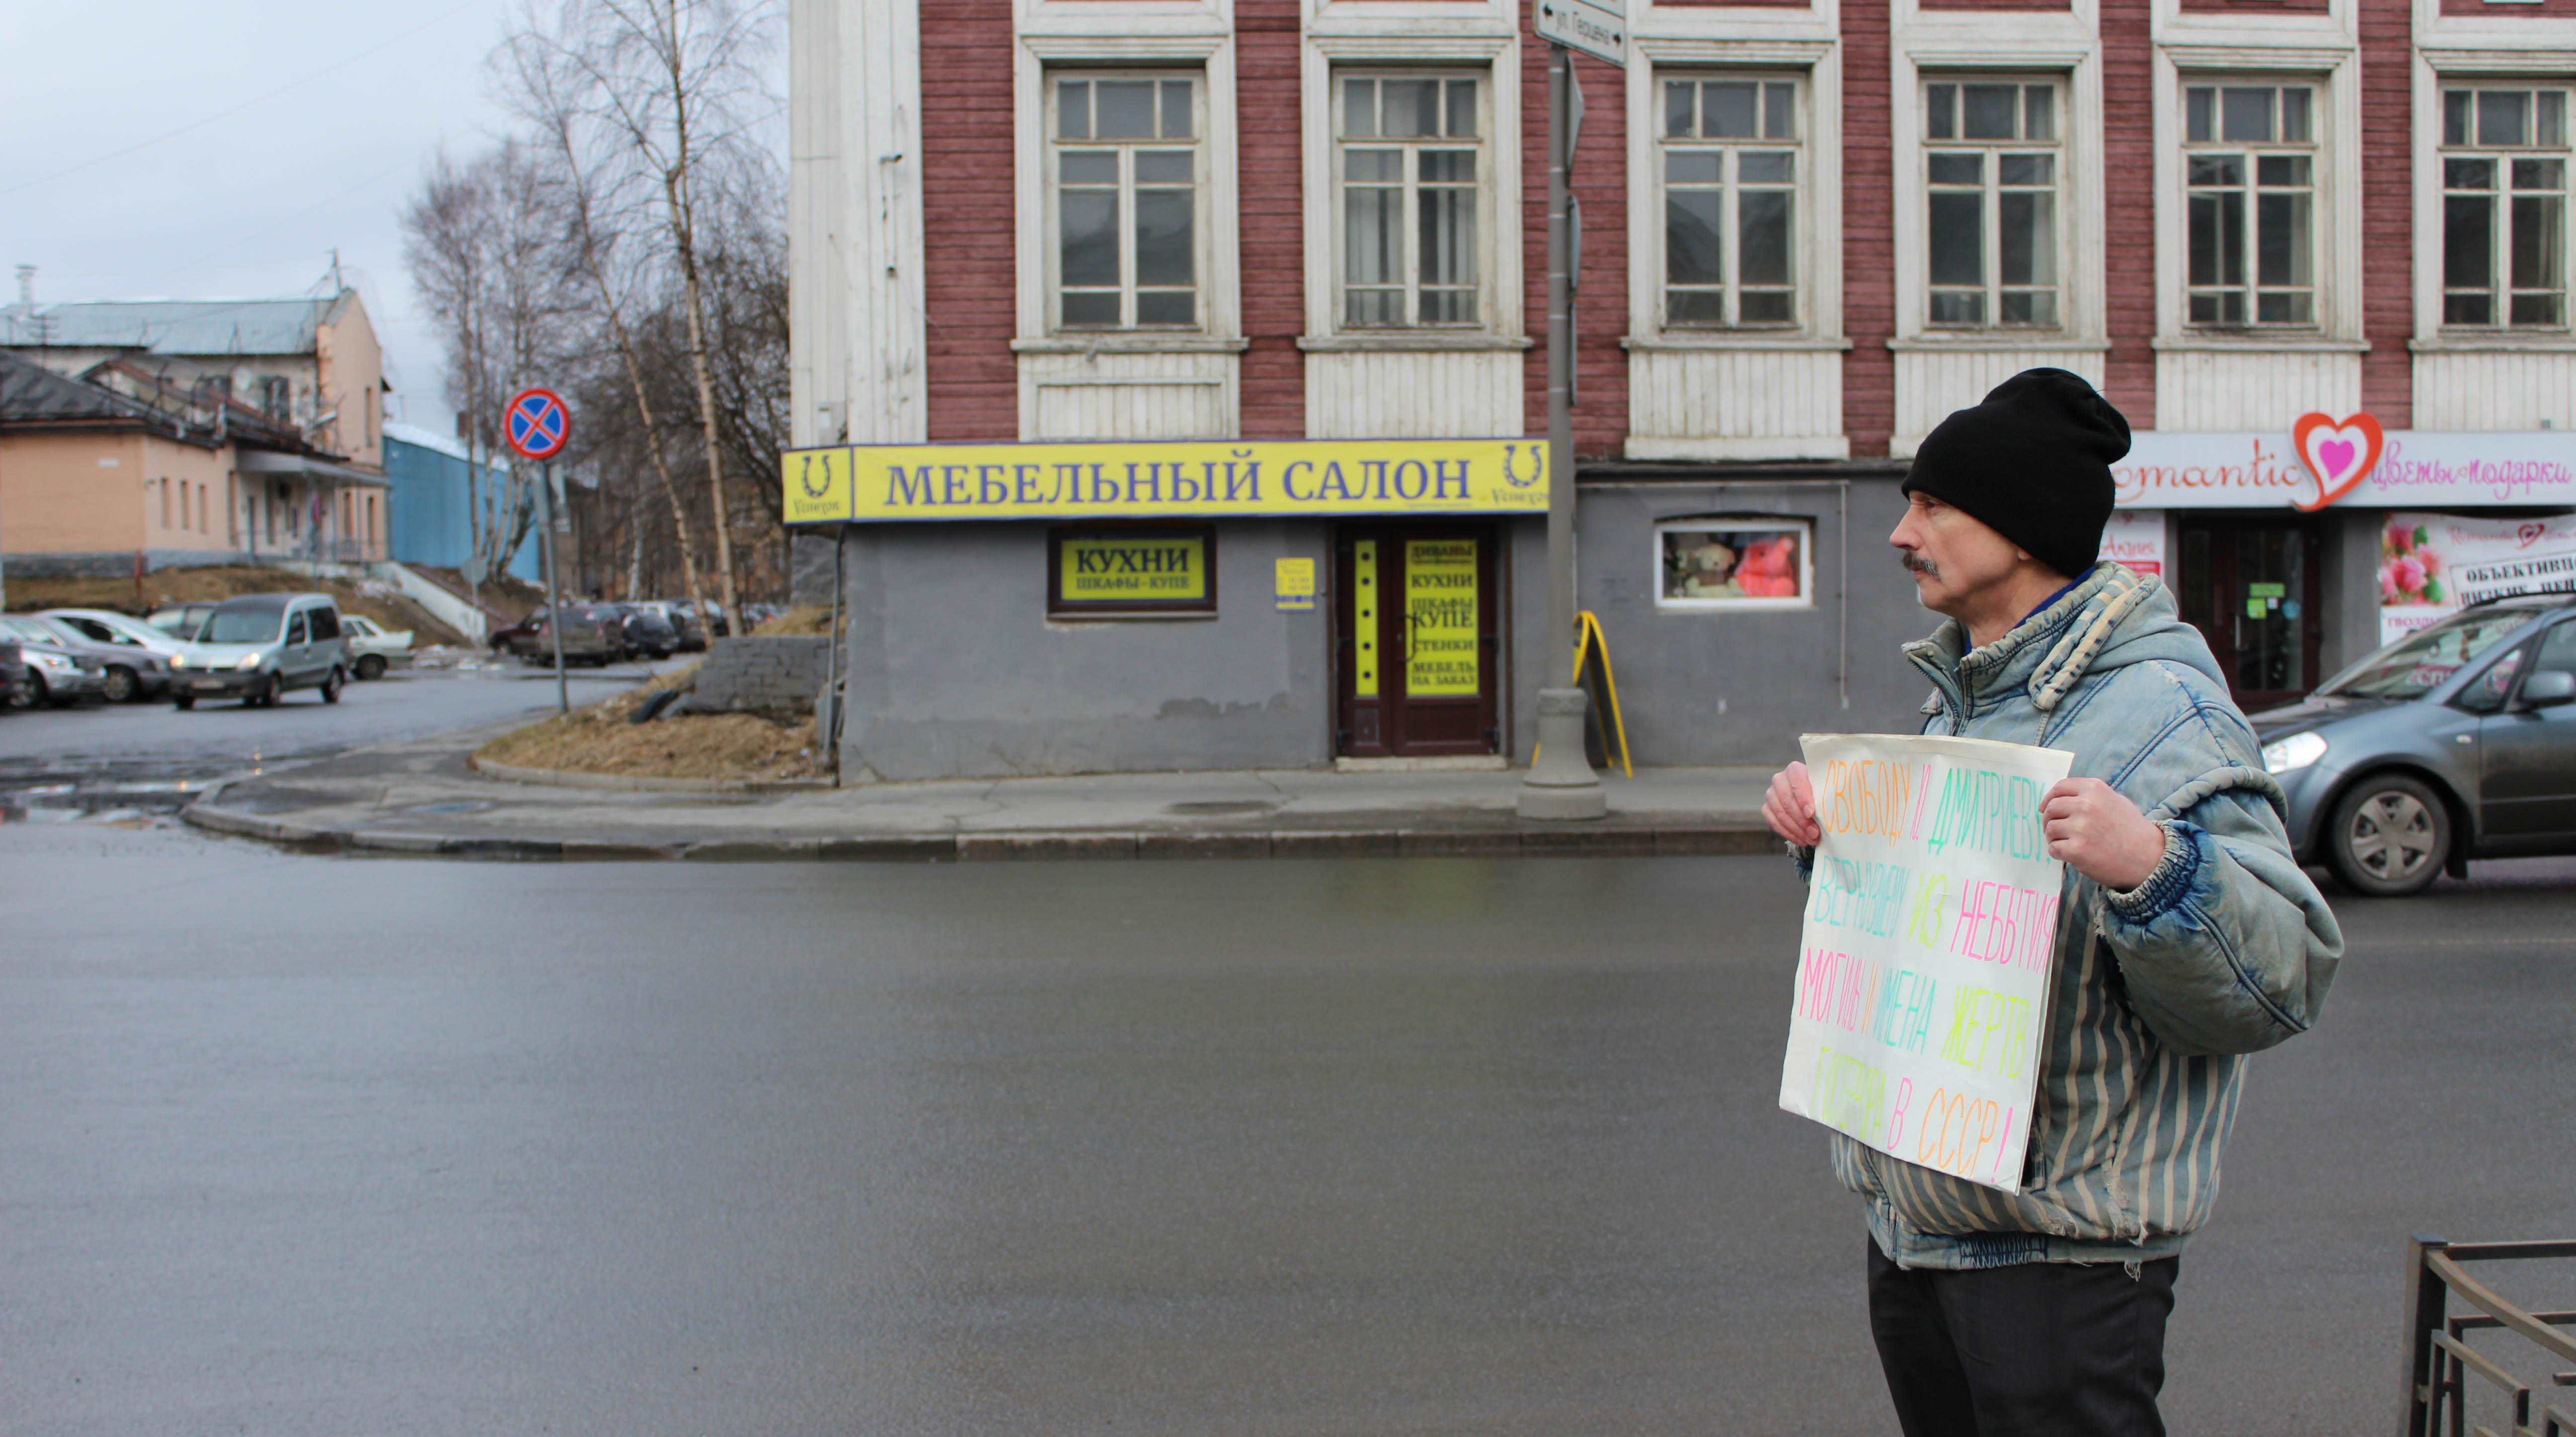 Пикет прошел неподалеку от следственного изолятора Петрозаводска. Фото: Валерий Поташов